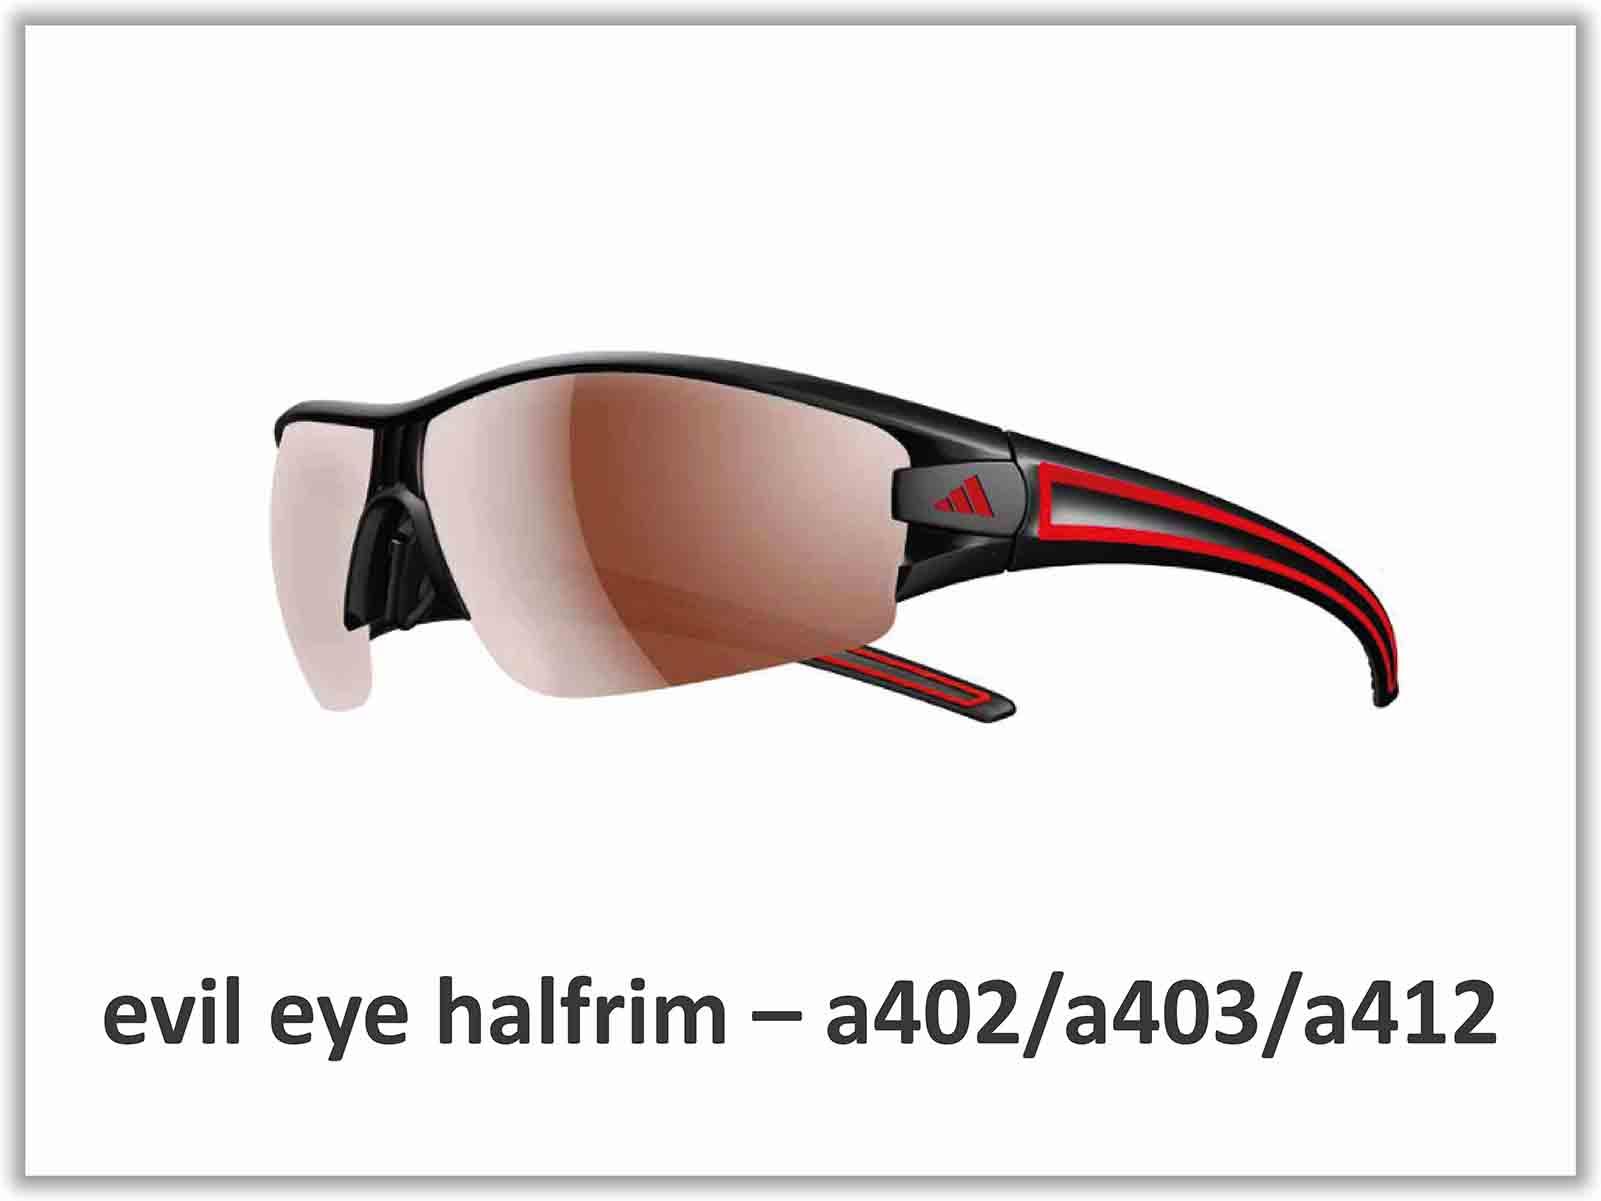 evil eye halfrim – a402/a403/a412